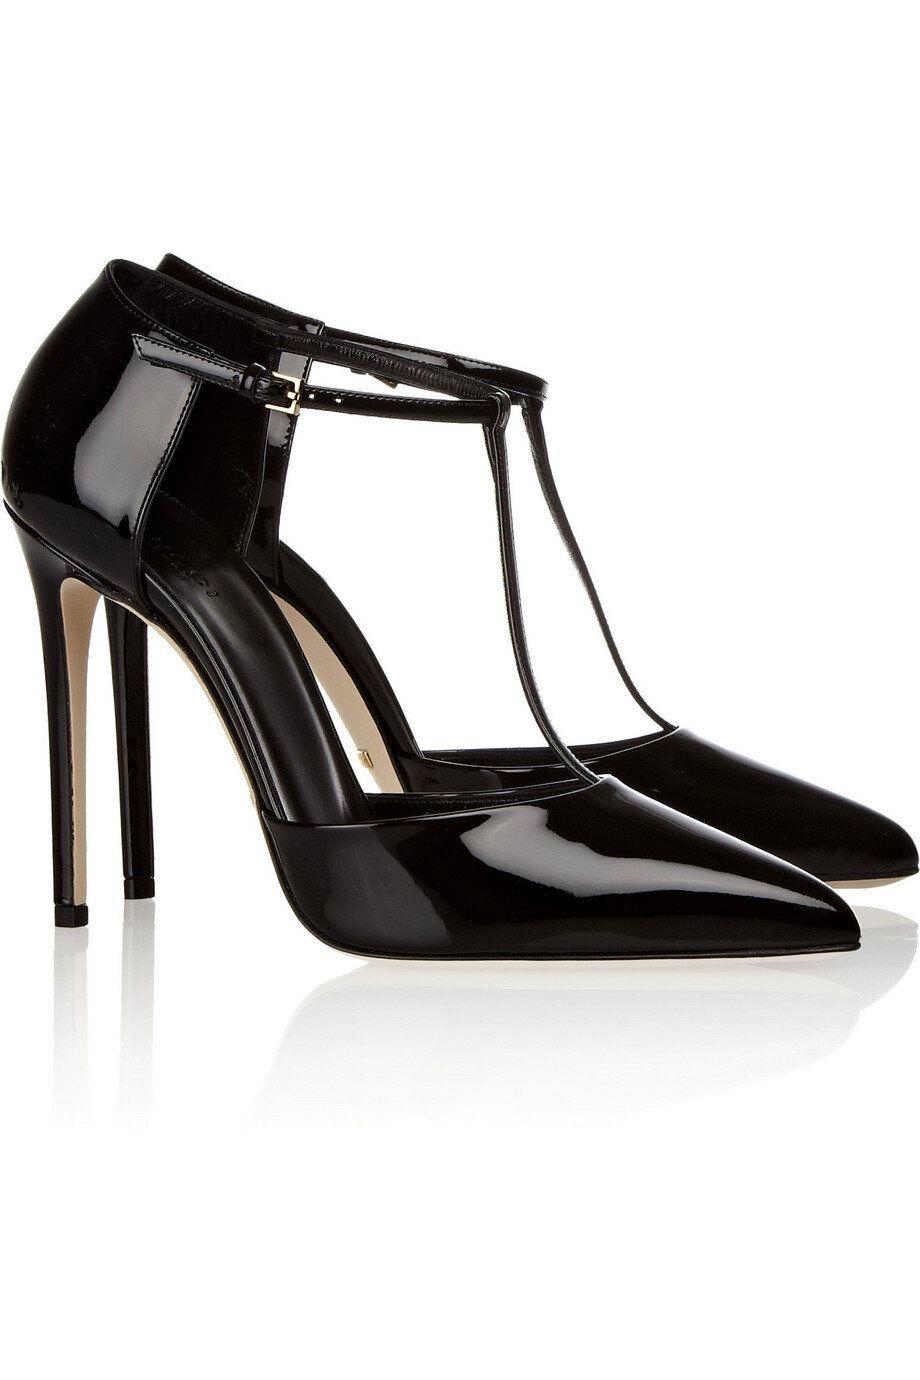 Pumps, Black patent leather shoes